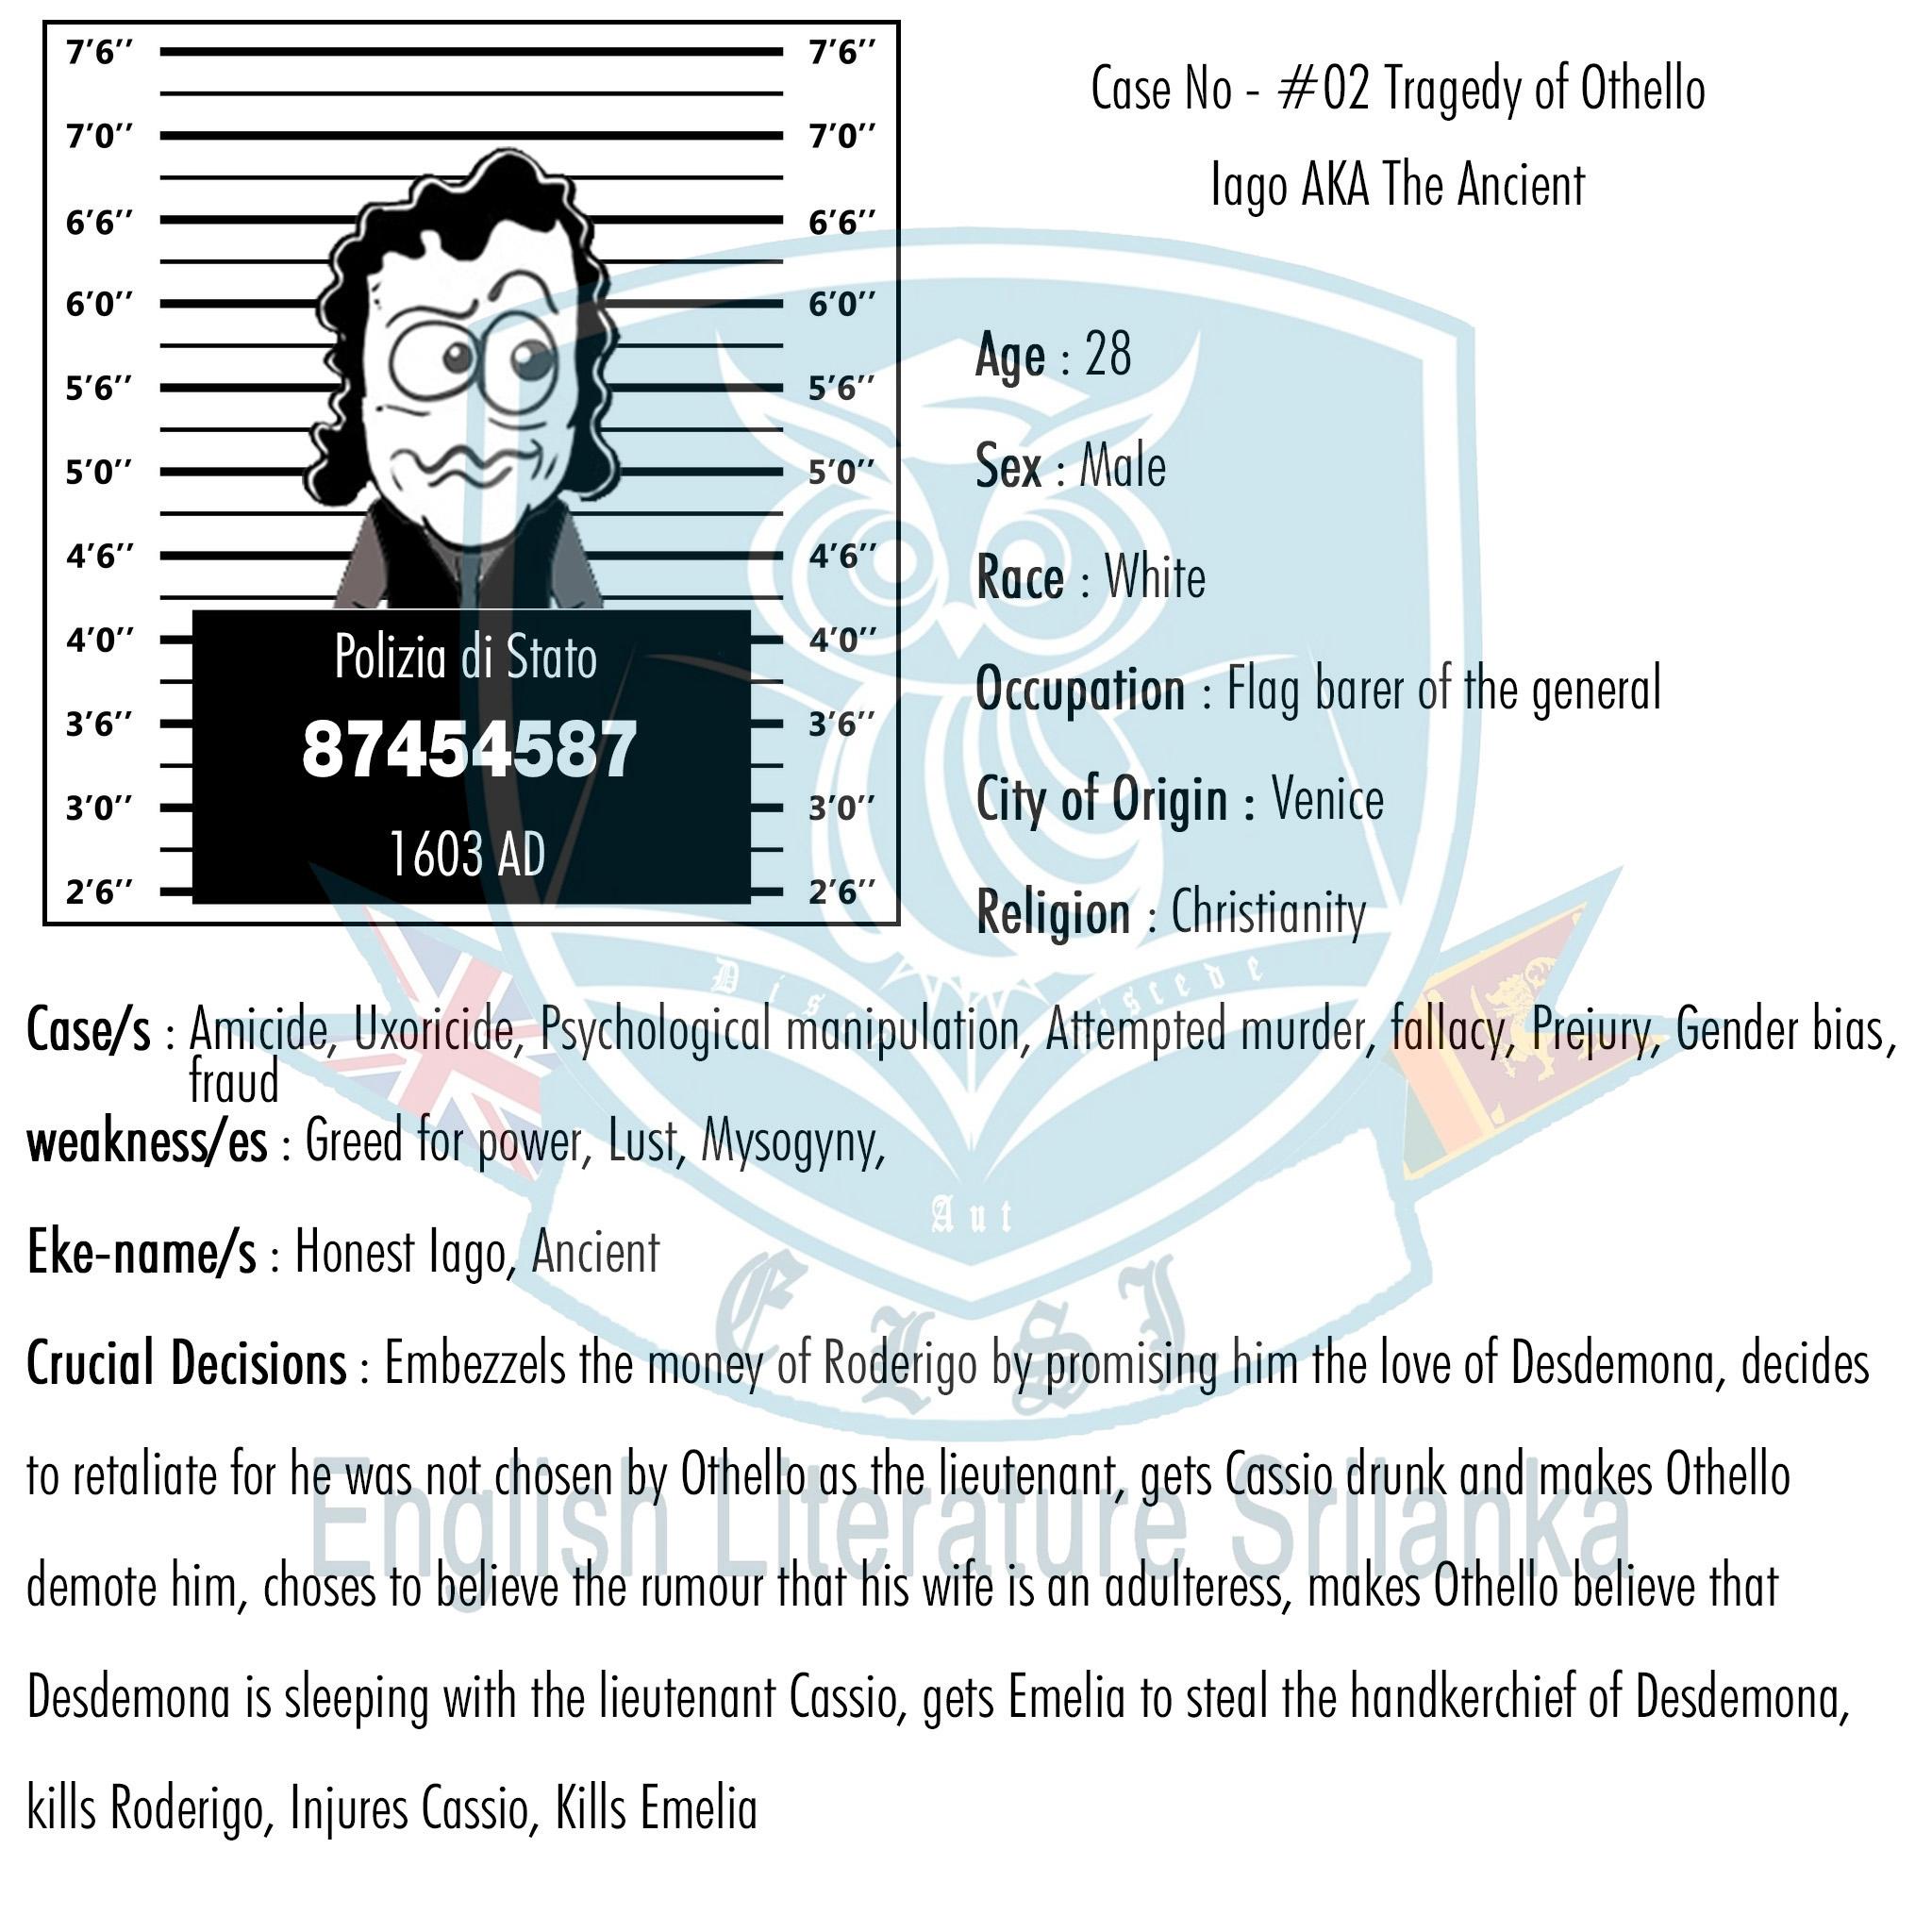 ELSL-Iago character summary